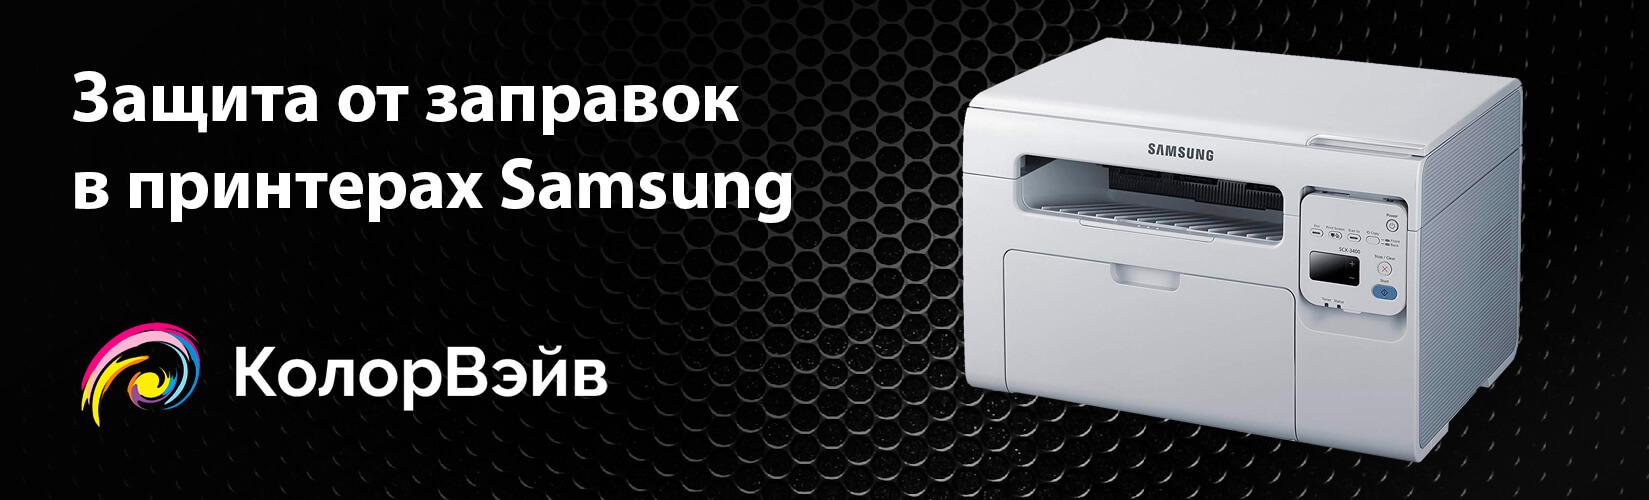 Защита от заправок в принтерах Samsung